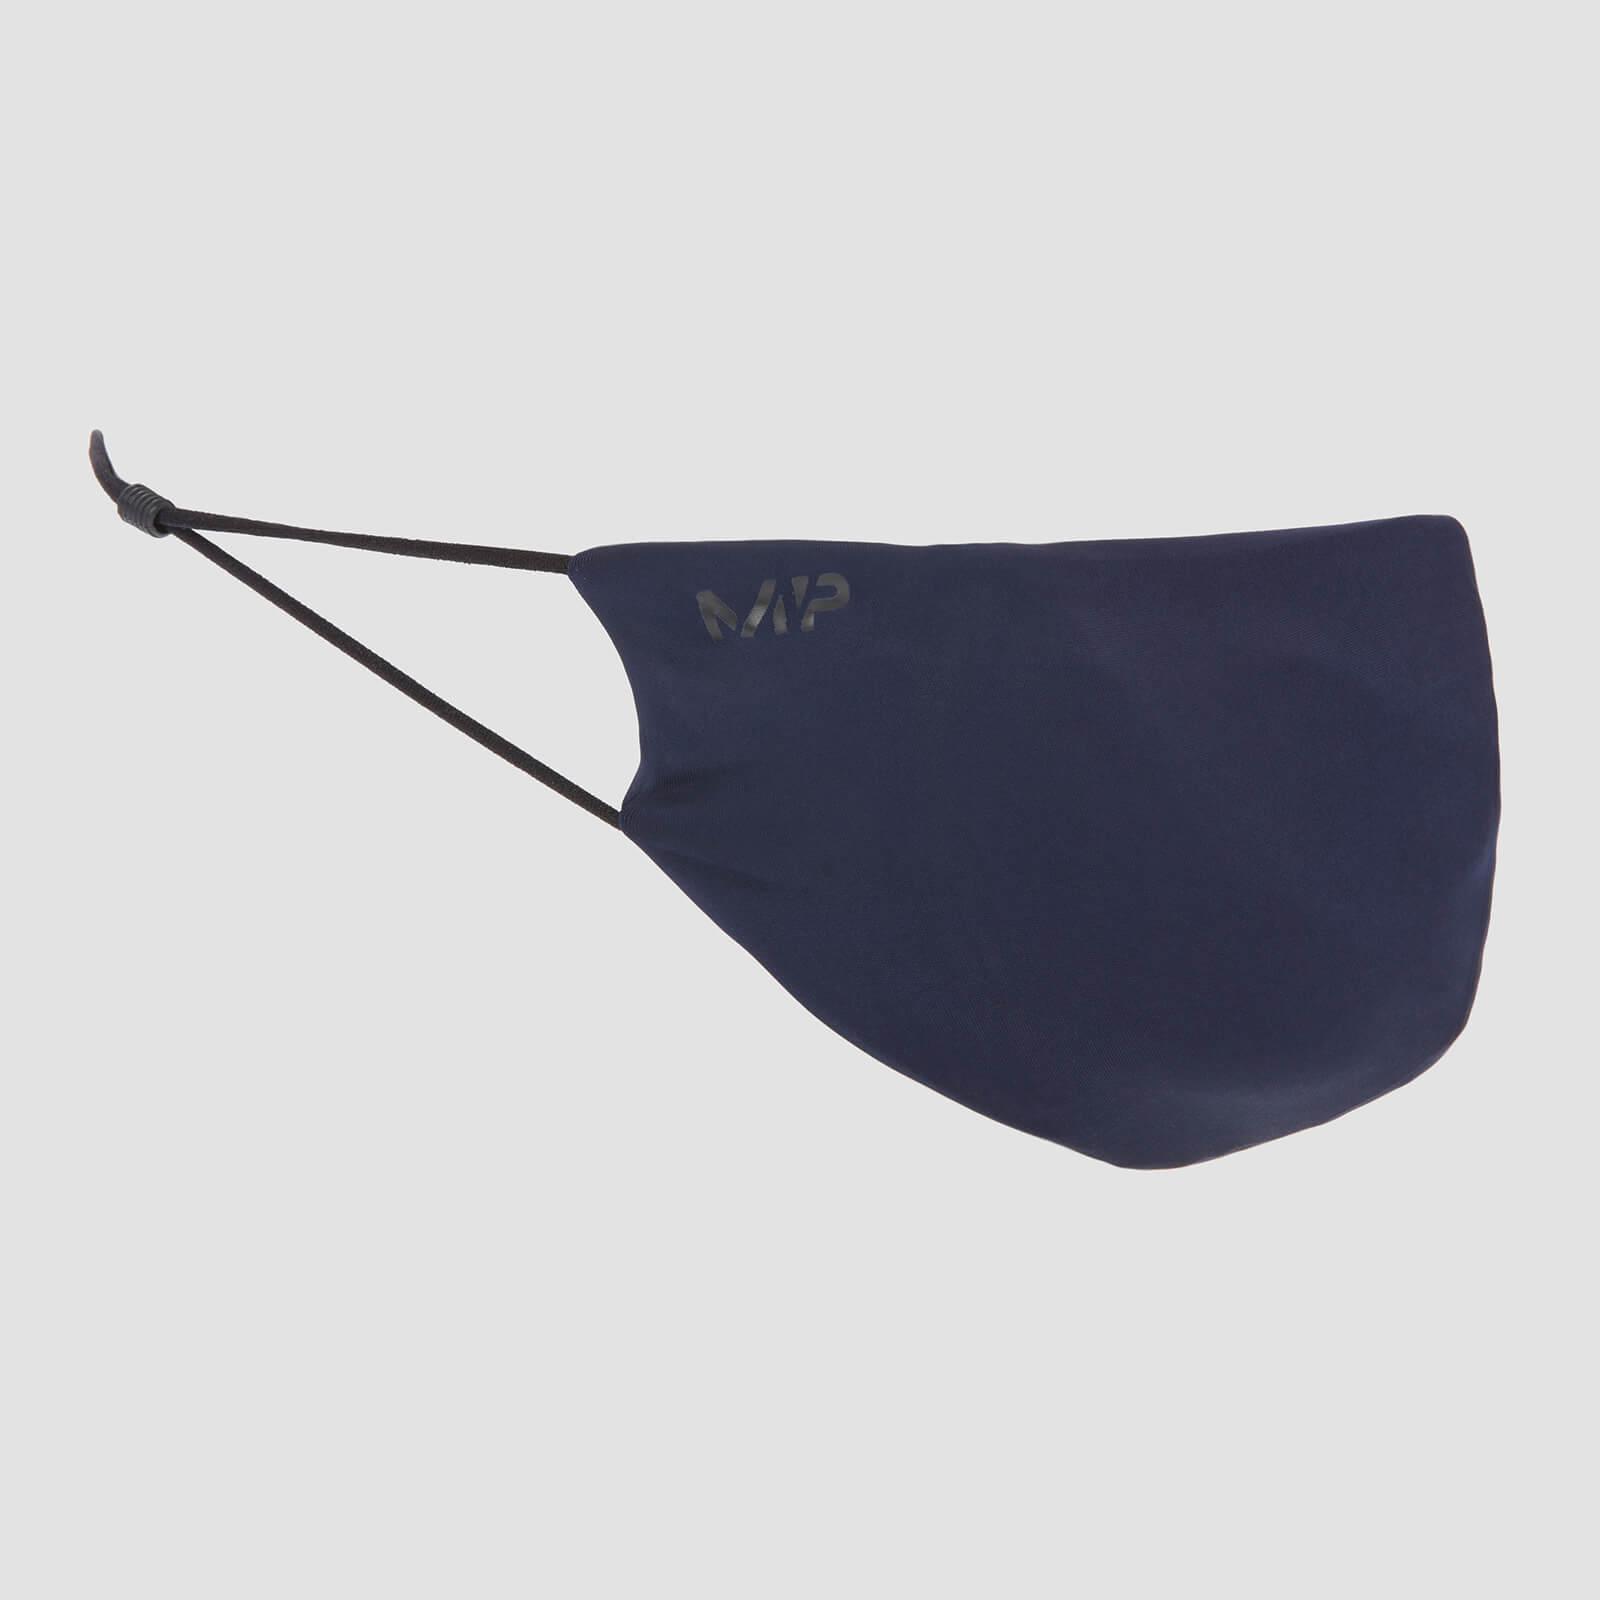 Masque pour le visage avec filtre remplaçable MP – Bleu marine